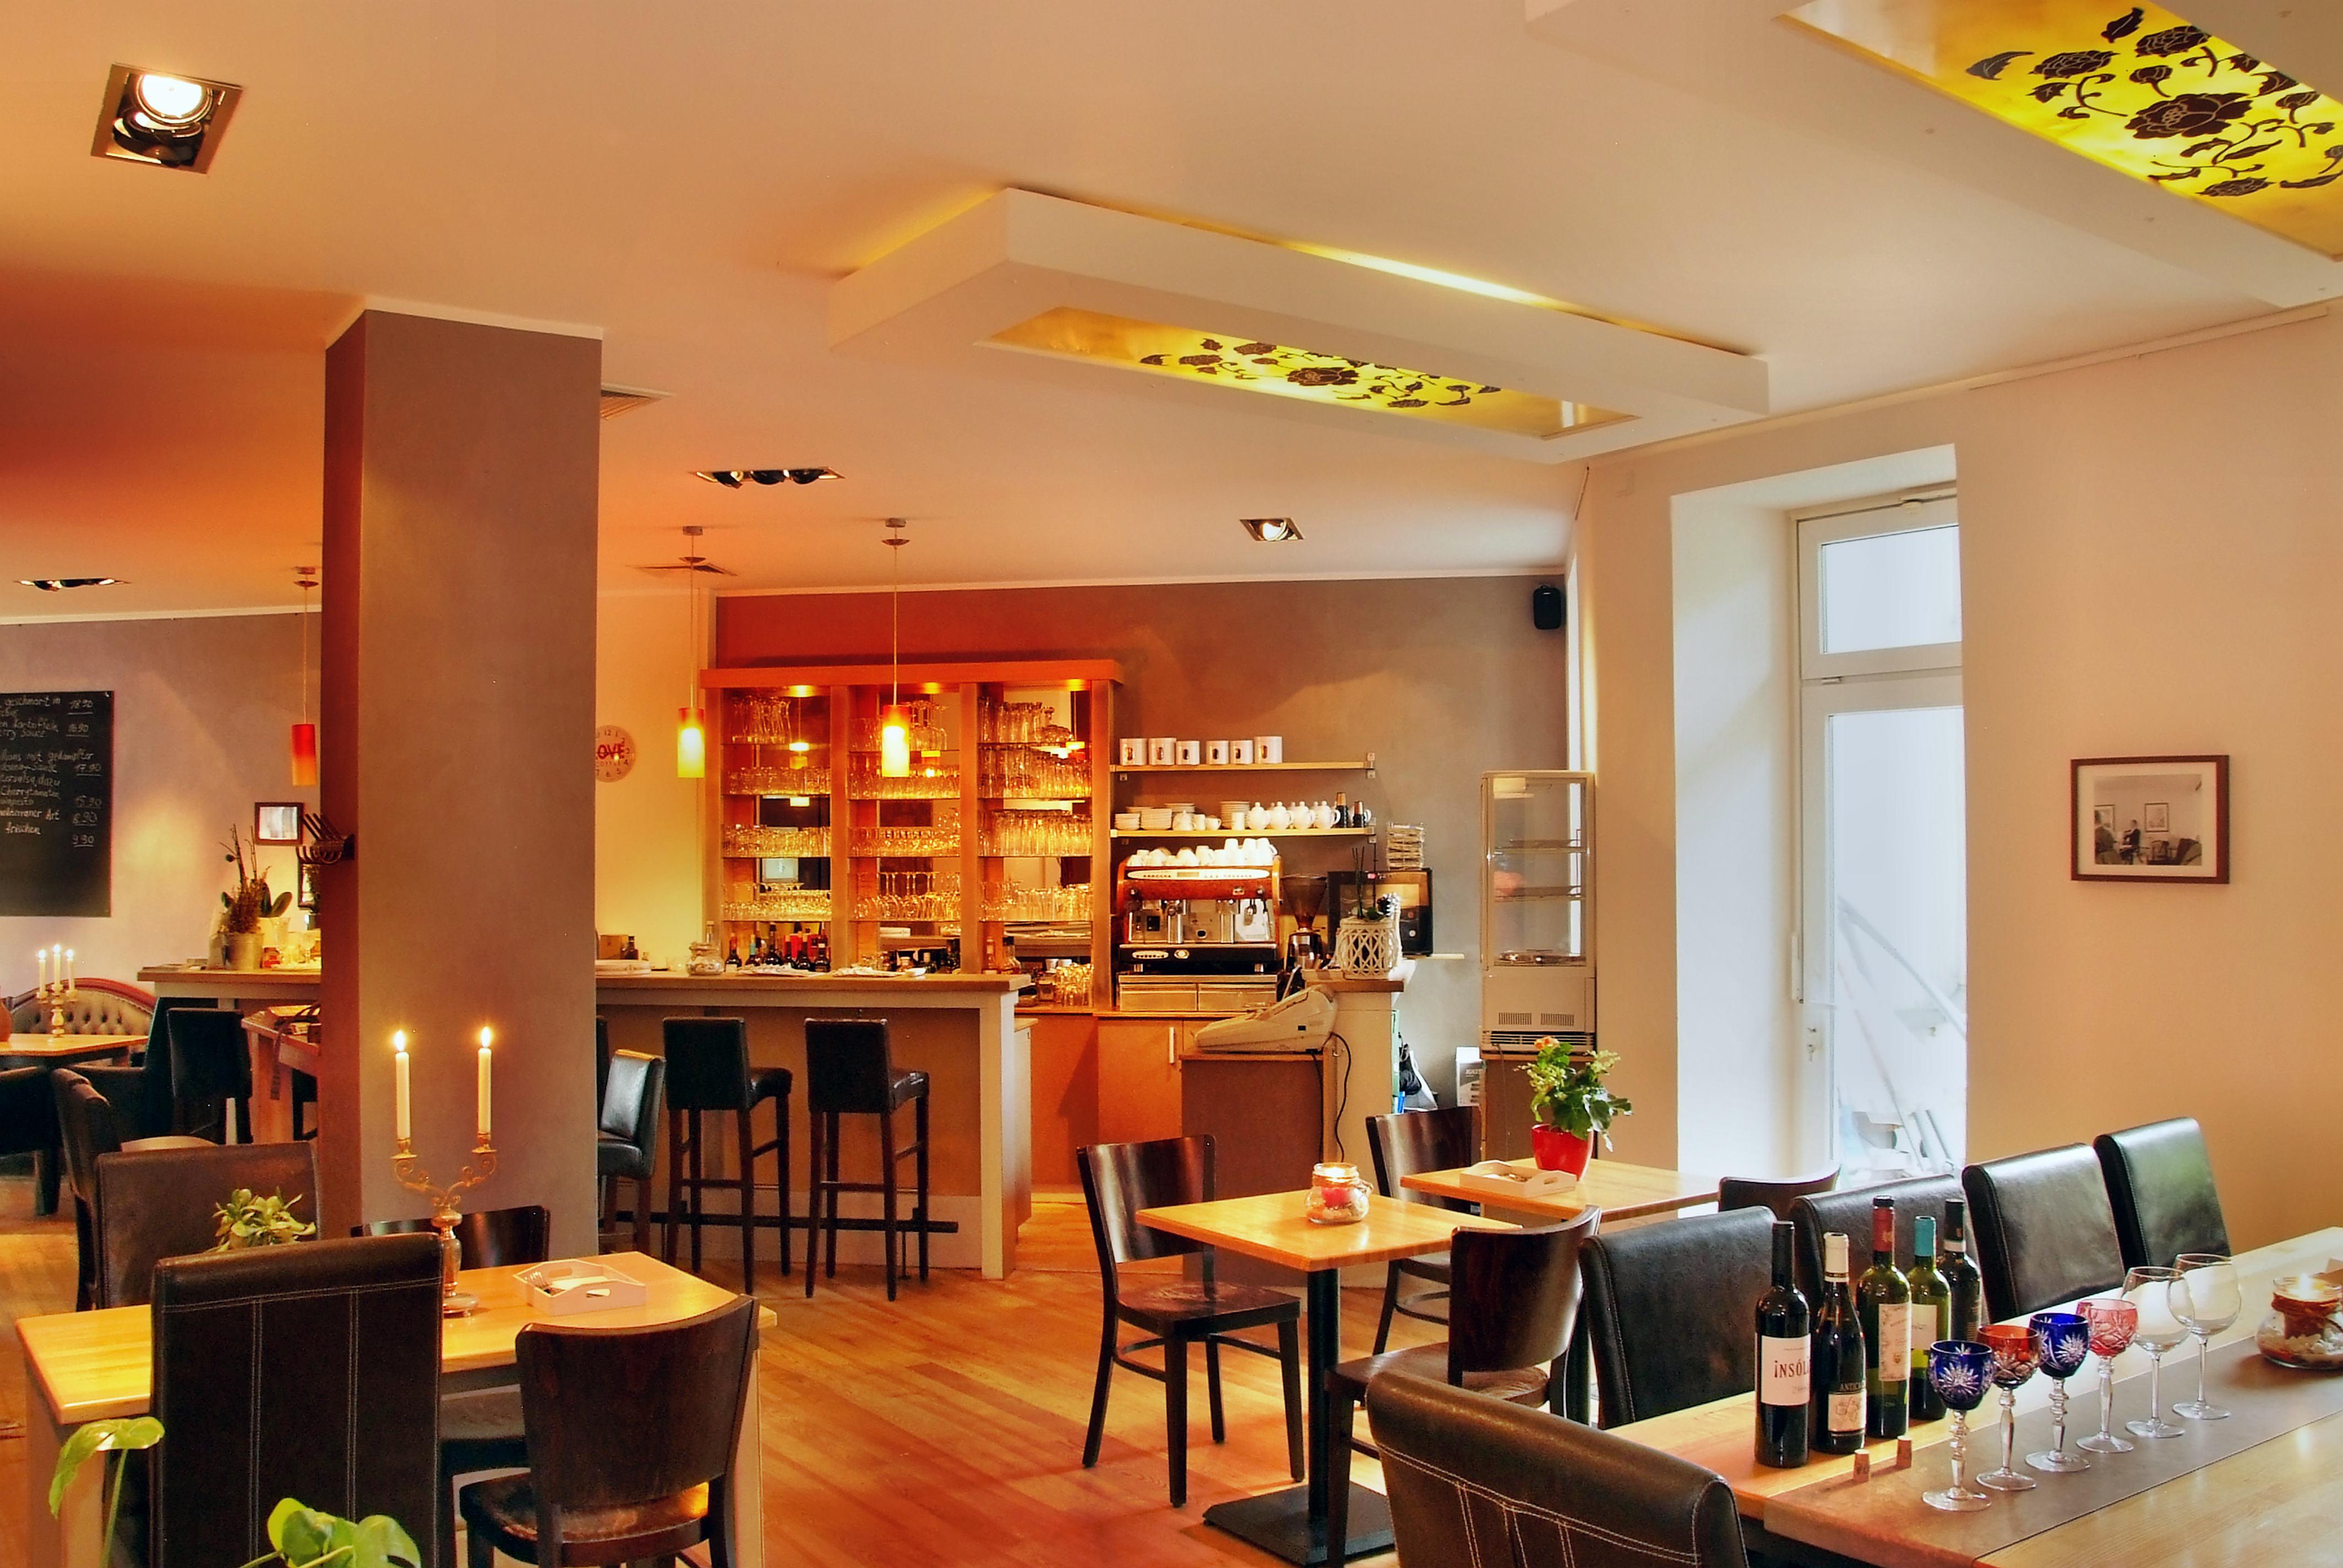 delikat essen restaurant in dortmund vegan fleisch fisch. Black Bedroom Furniture Sets. Home Design Ideas